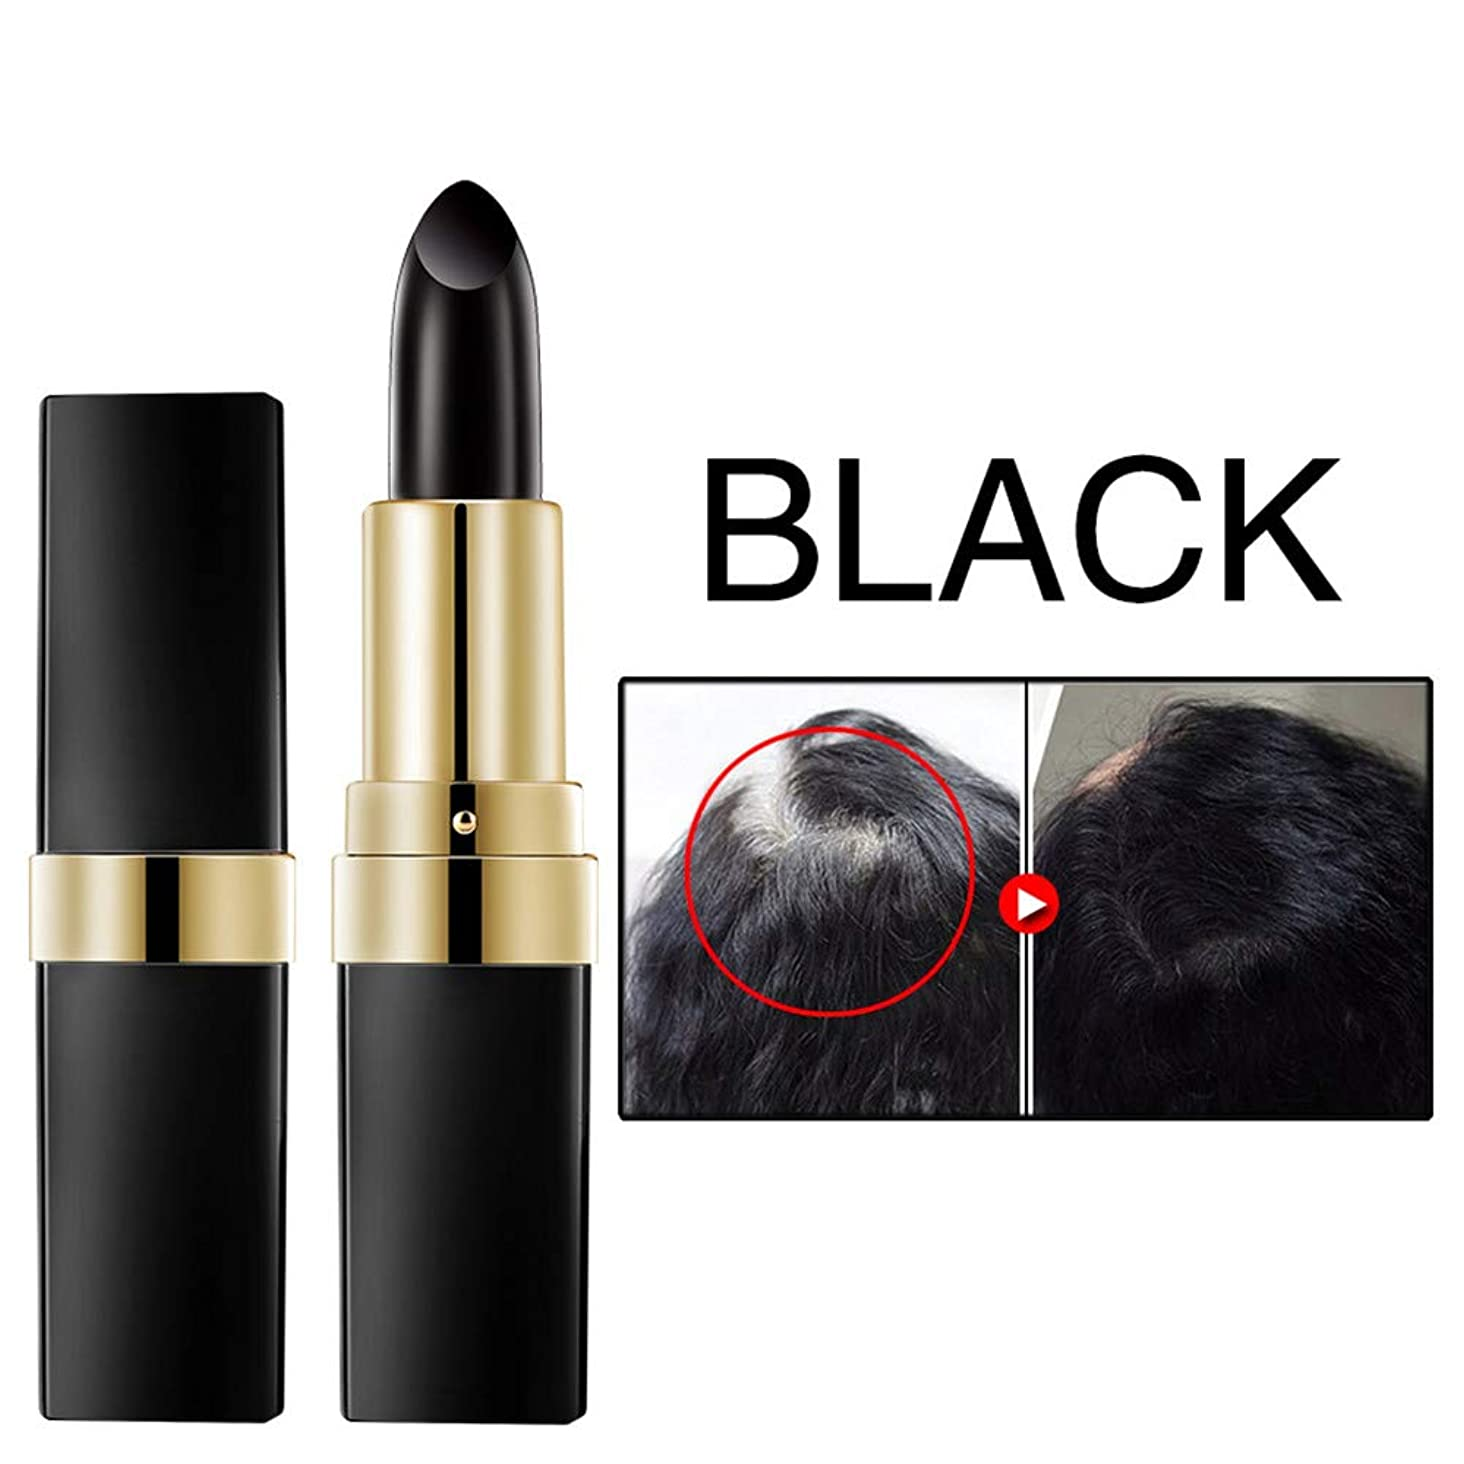 ギャングスタールーム偏見ワンタイムヘア染料インスタントグレールートカバレッジヘアカラー変更クリームスティック一時的なカバーアップ白い髪の色の染料 3.8 g (ブラック)